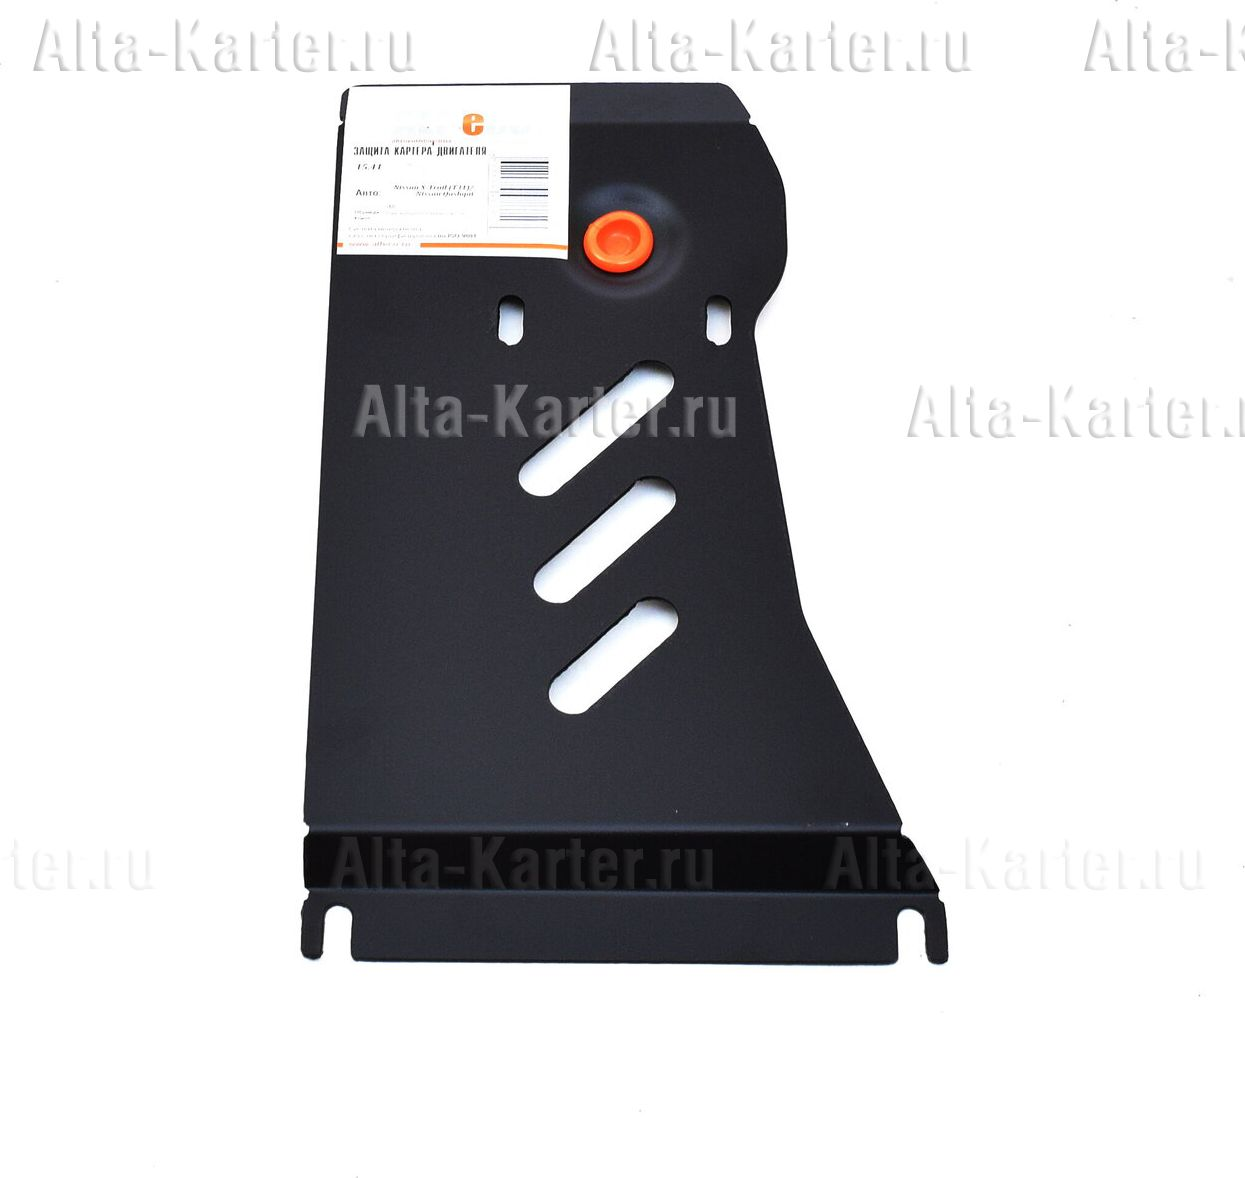 Защита Alfeco для редуктора заднего моста Renault Koleos II 2016-2021. Артикул ALF.15.41